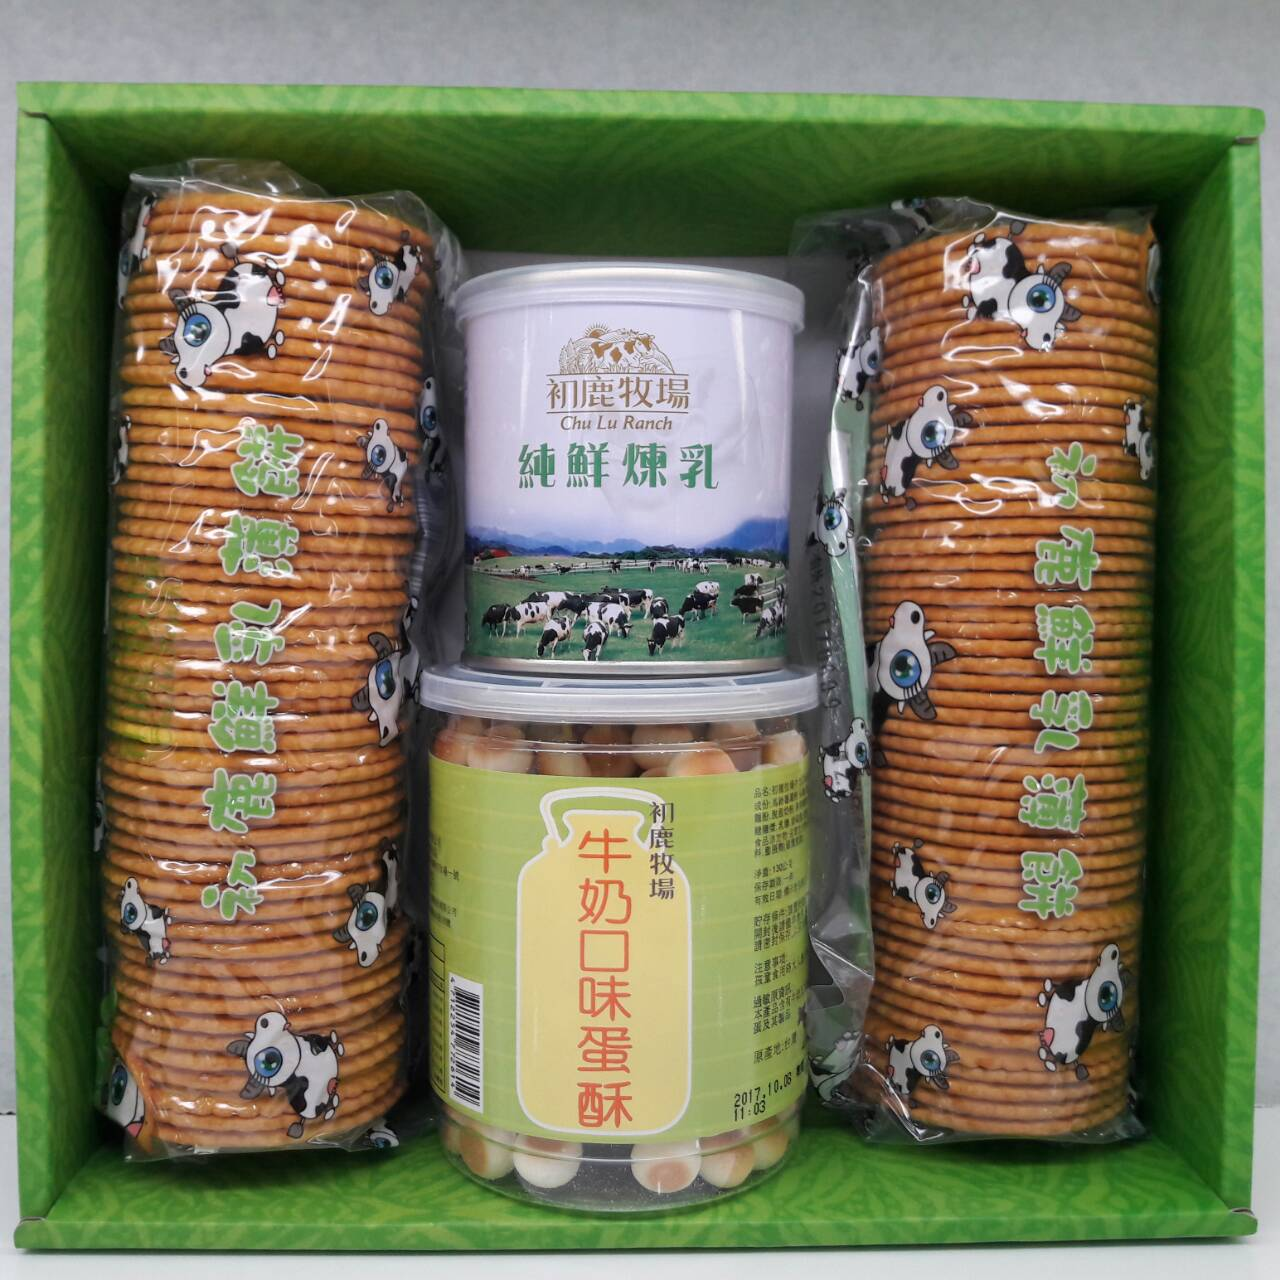 初鹿牧場|春節禮盒A(鮮乳薄餅2入+純鮮煉乳1入+牛奶蛋酥1入)